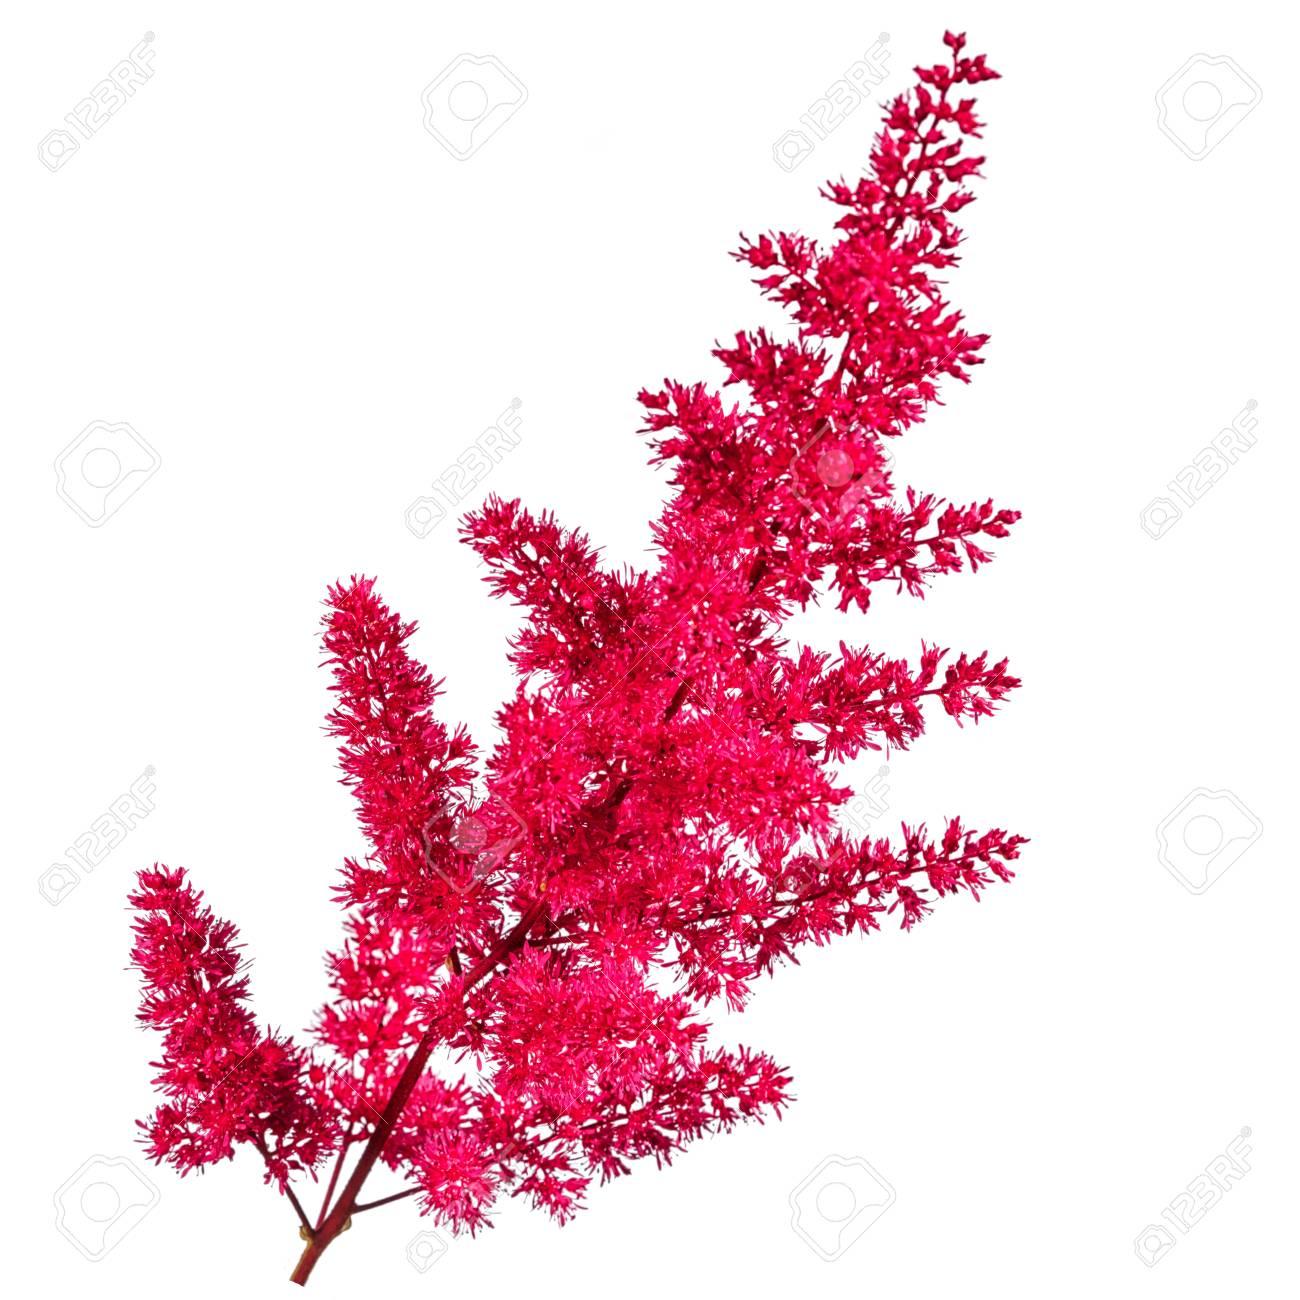 fleur d'astilbe rose peluche isolé sur fond blanc banque d'images et